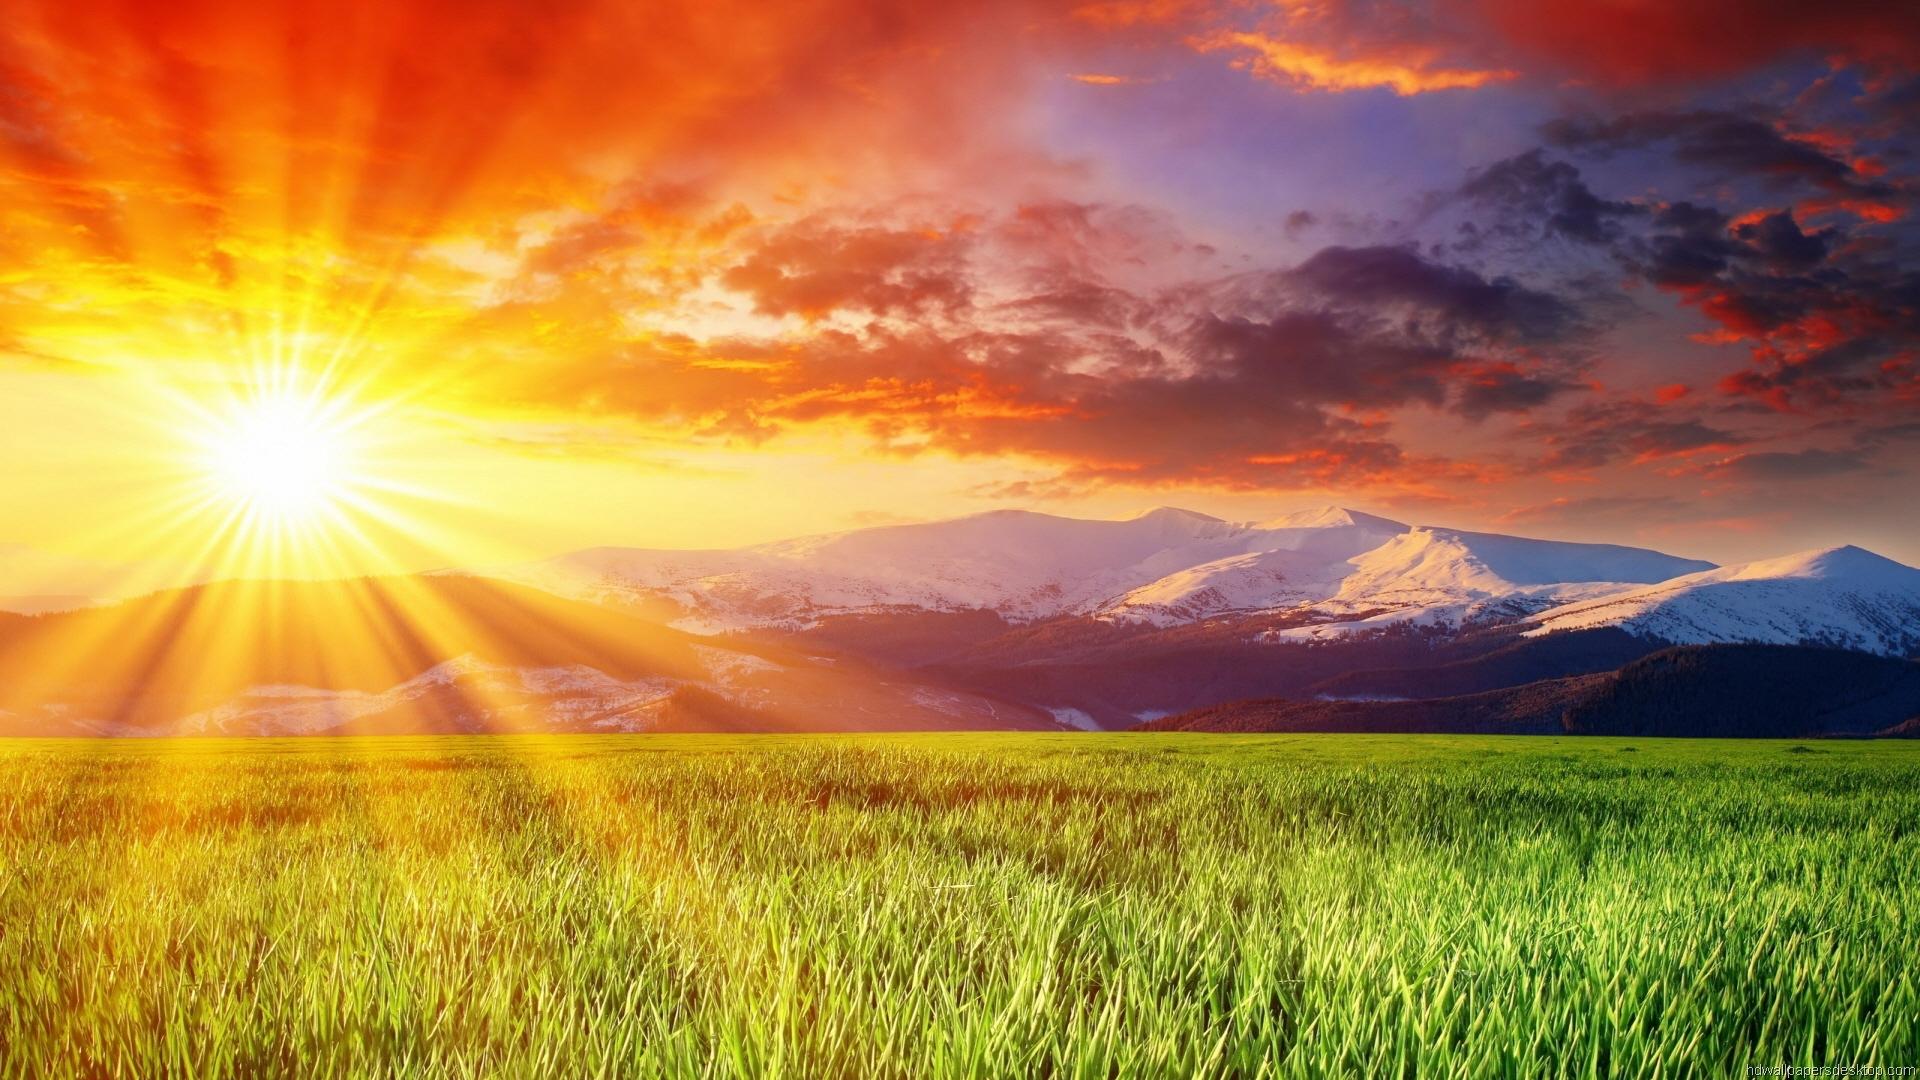 Meadow Sunrise HD Desktop Wallpaper HD Desktop Wallpaper 1920x1080